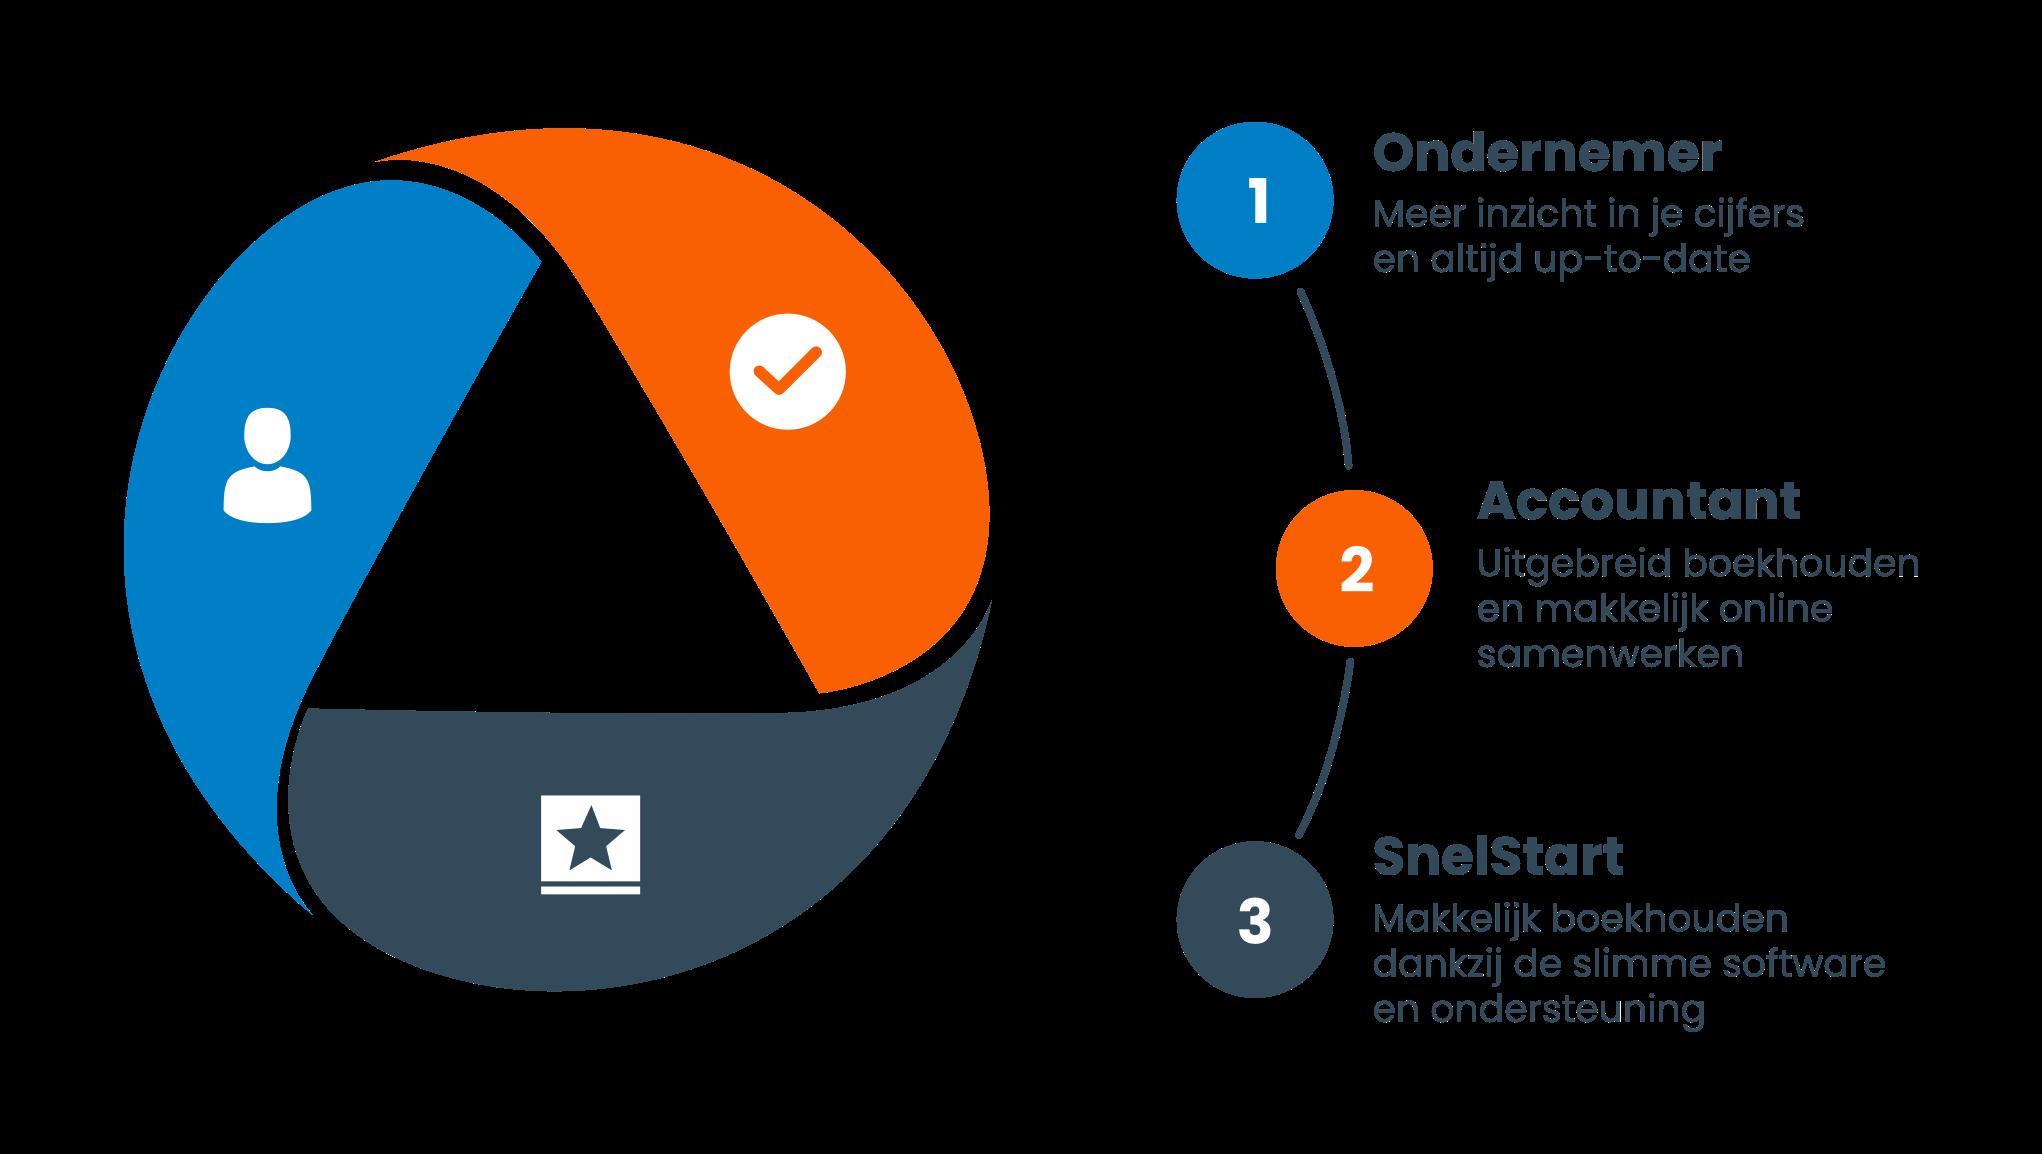 Ondernemers en accountants werken met boekhoudsoftware Snelstart